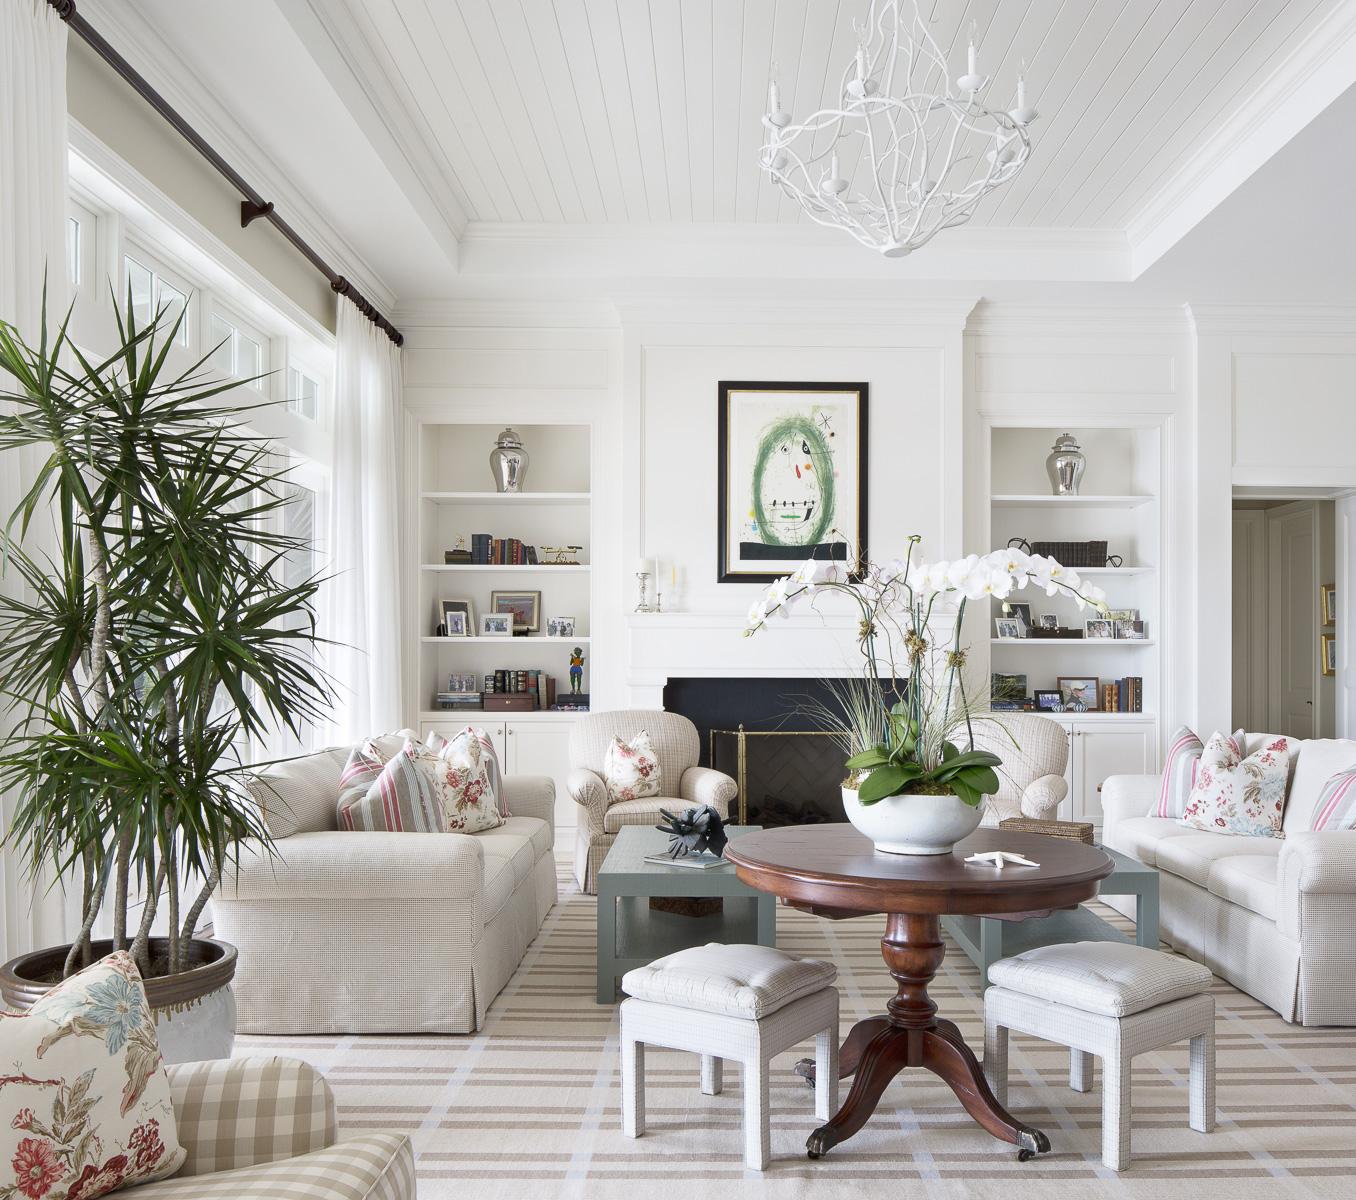 Well-Designed Living Room